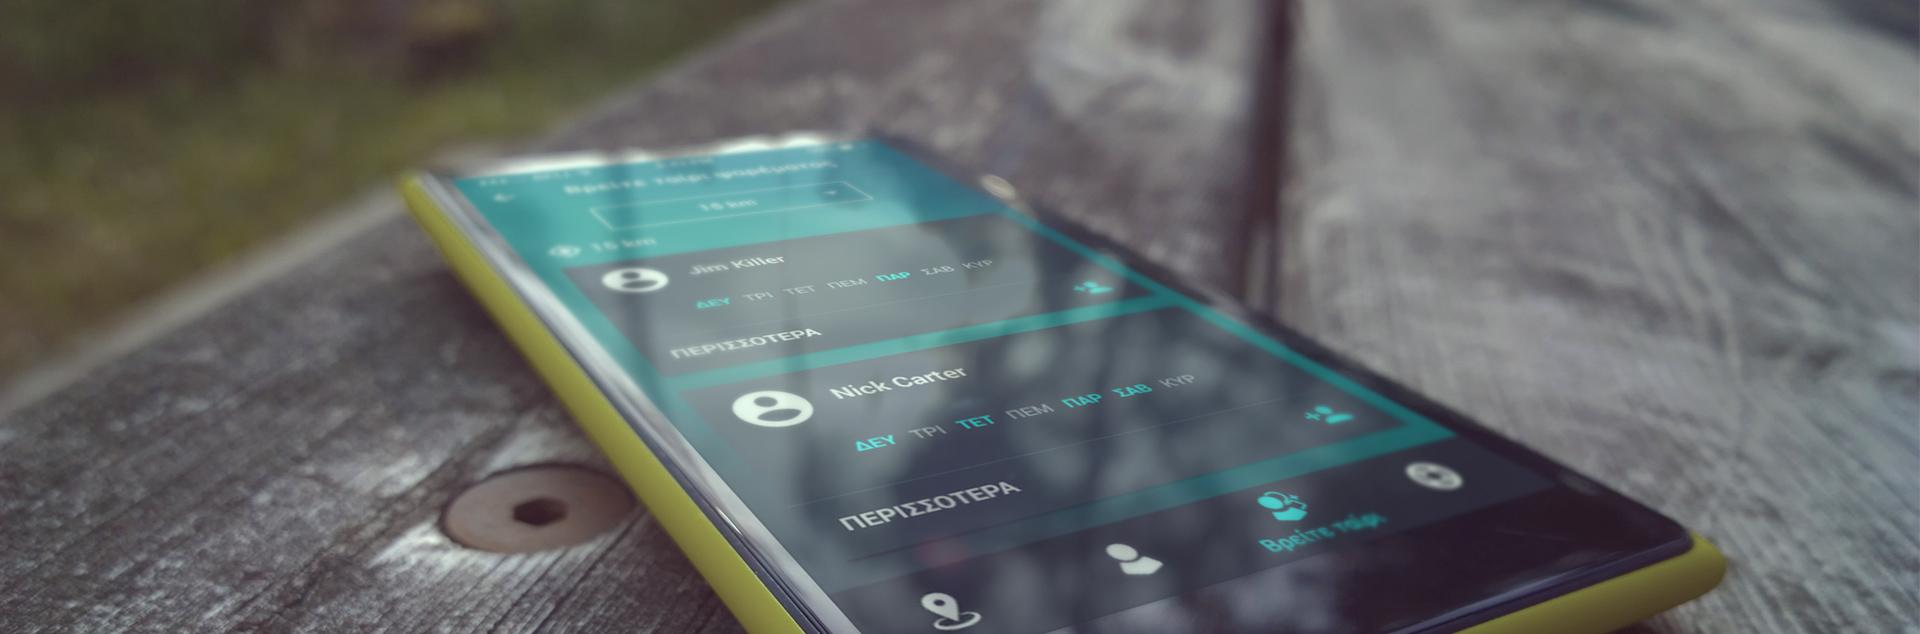 BlueSpear mobile app - availability